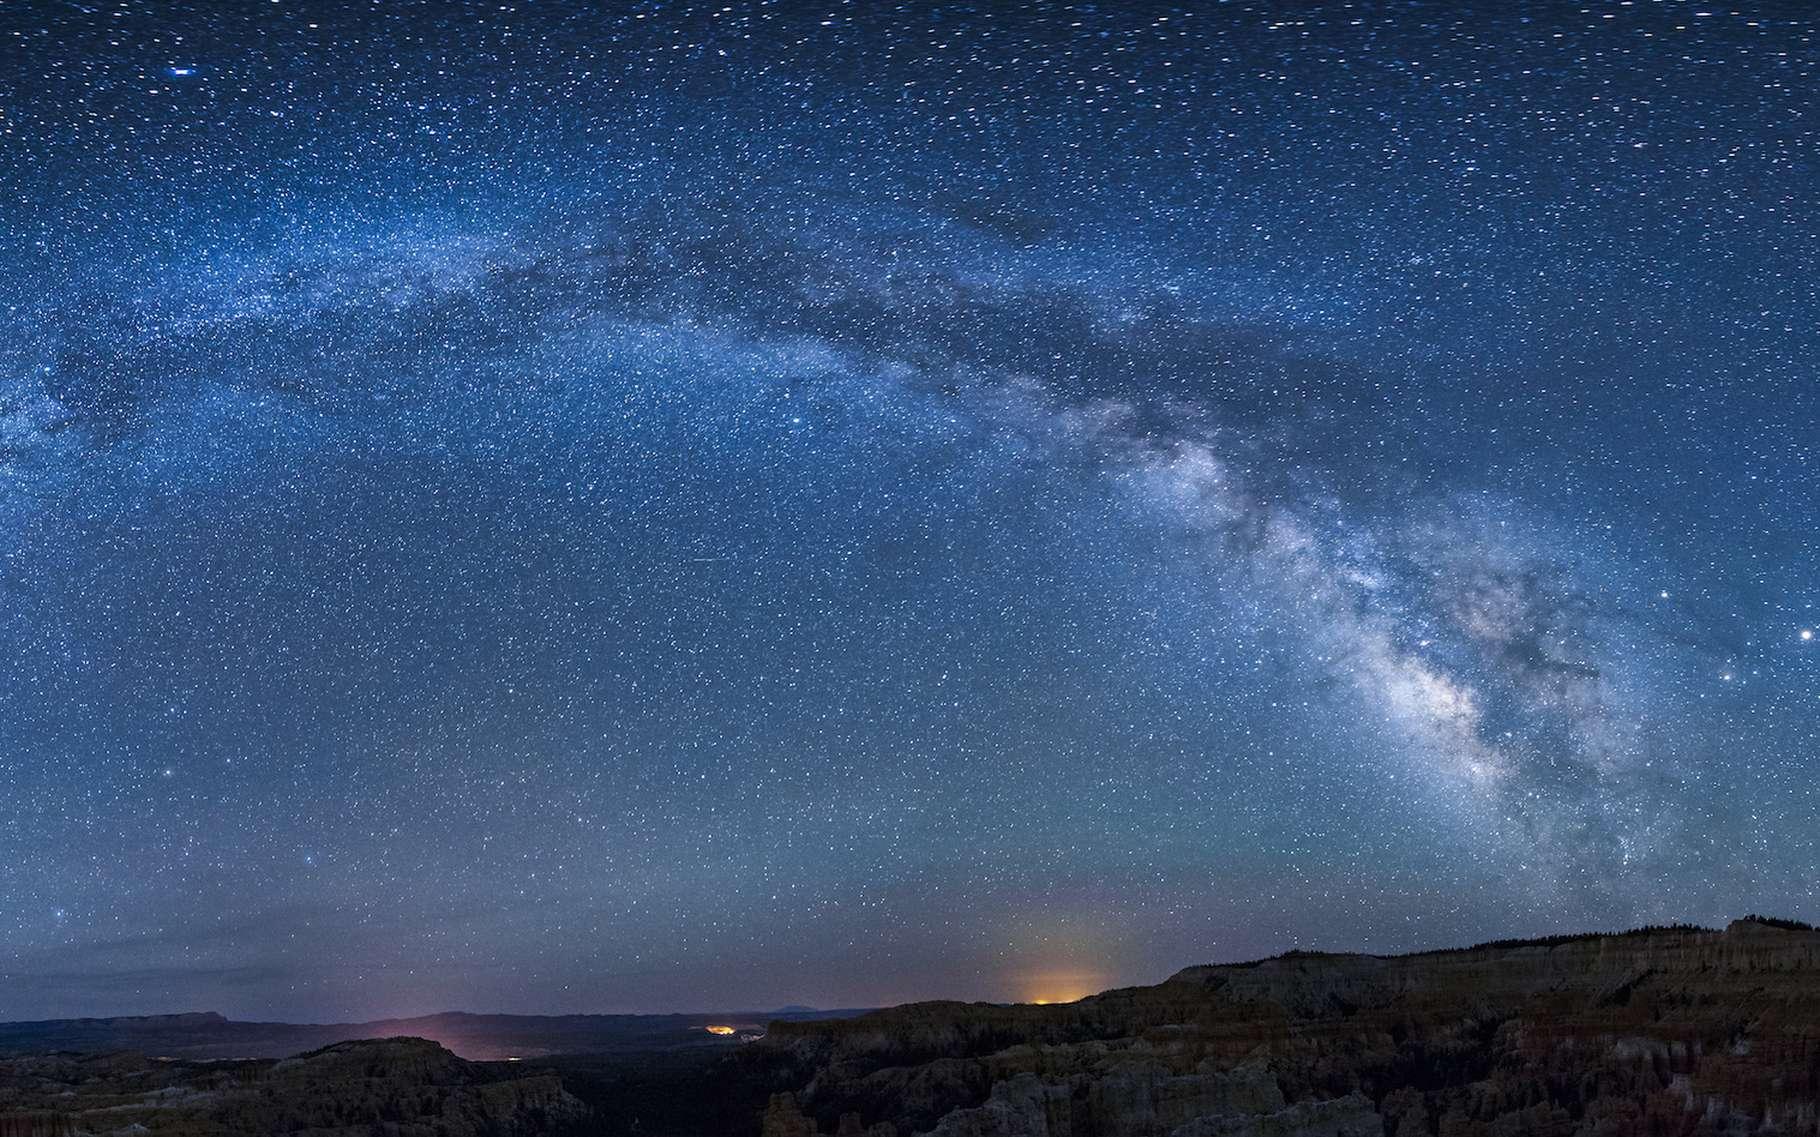 Des astronomes ont découvert un amas d'étoiles jeunes à la périphérie de la Voie lactée. Ces étoiles semblent s'être formées dans le courant magellanique formé par du gaz issu des nuages de Magellan, nos deux galaxies voisines. © Yggdrasill, Adobe Stock